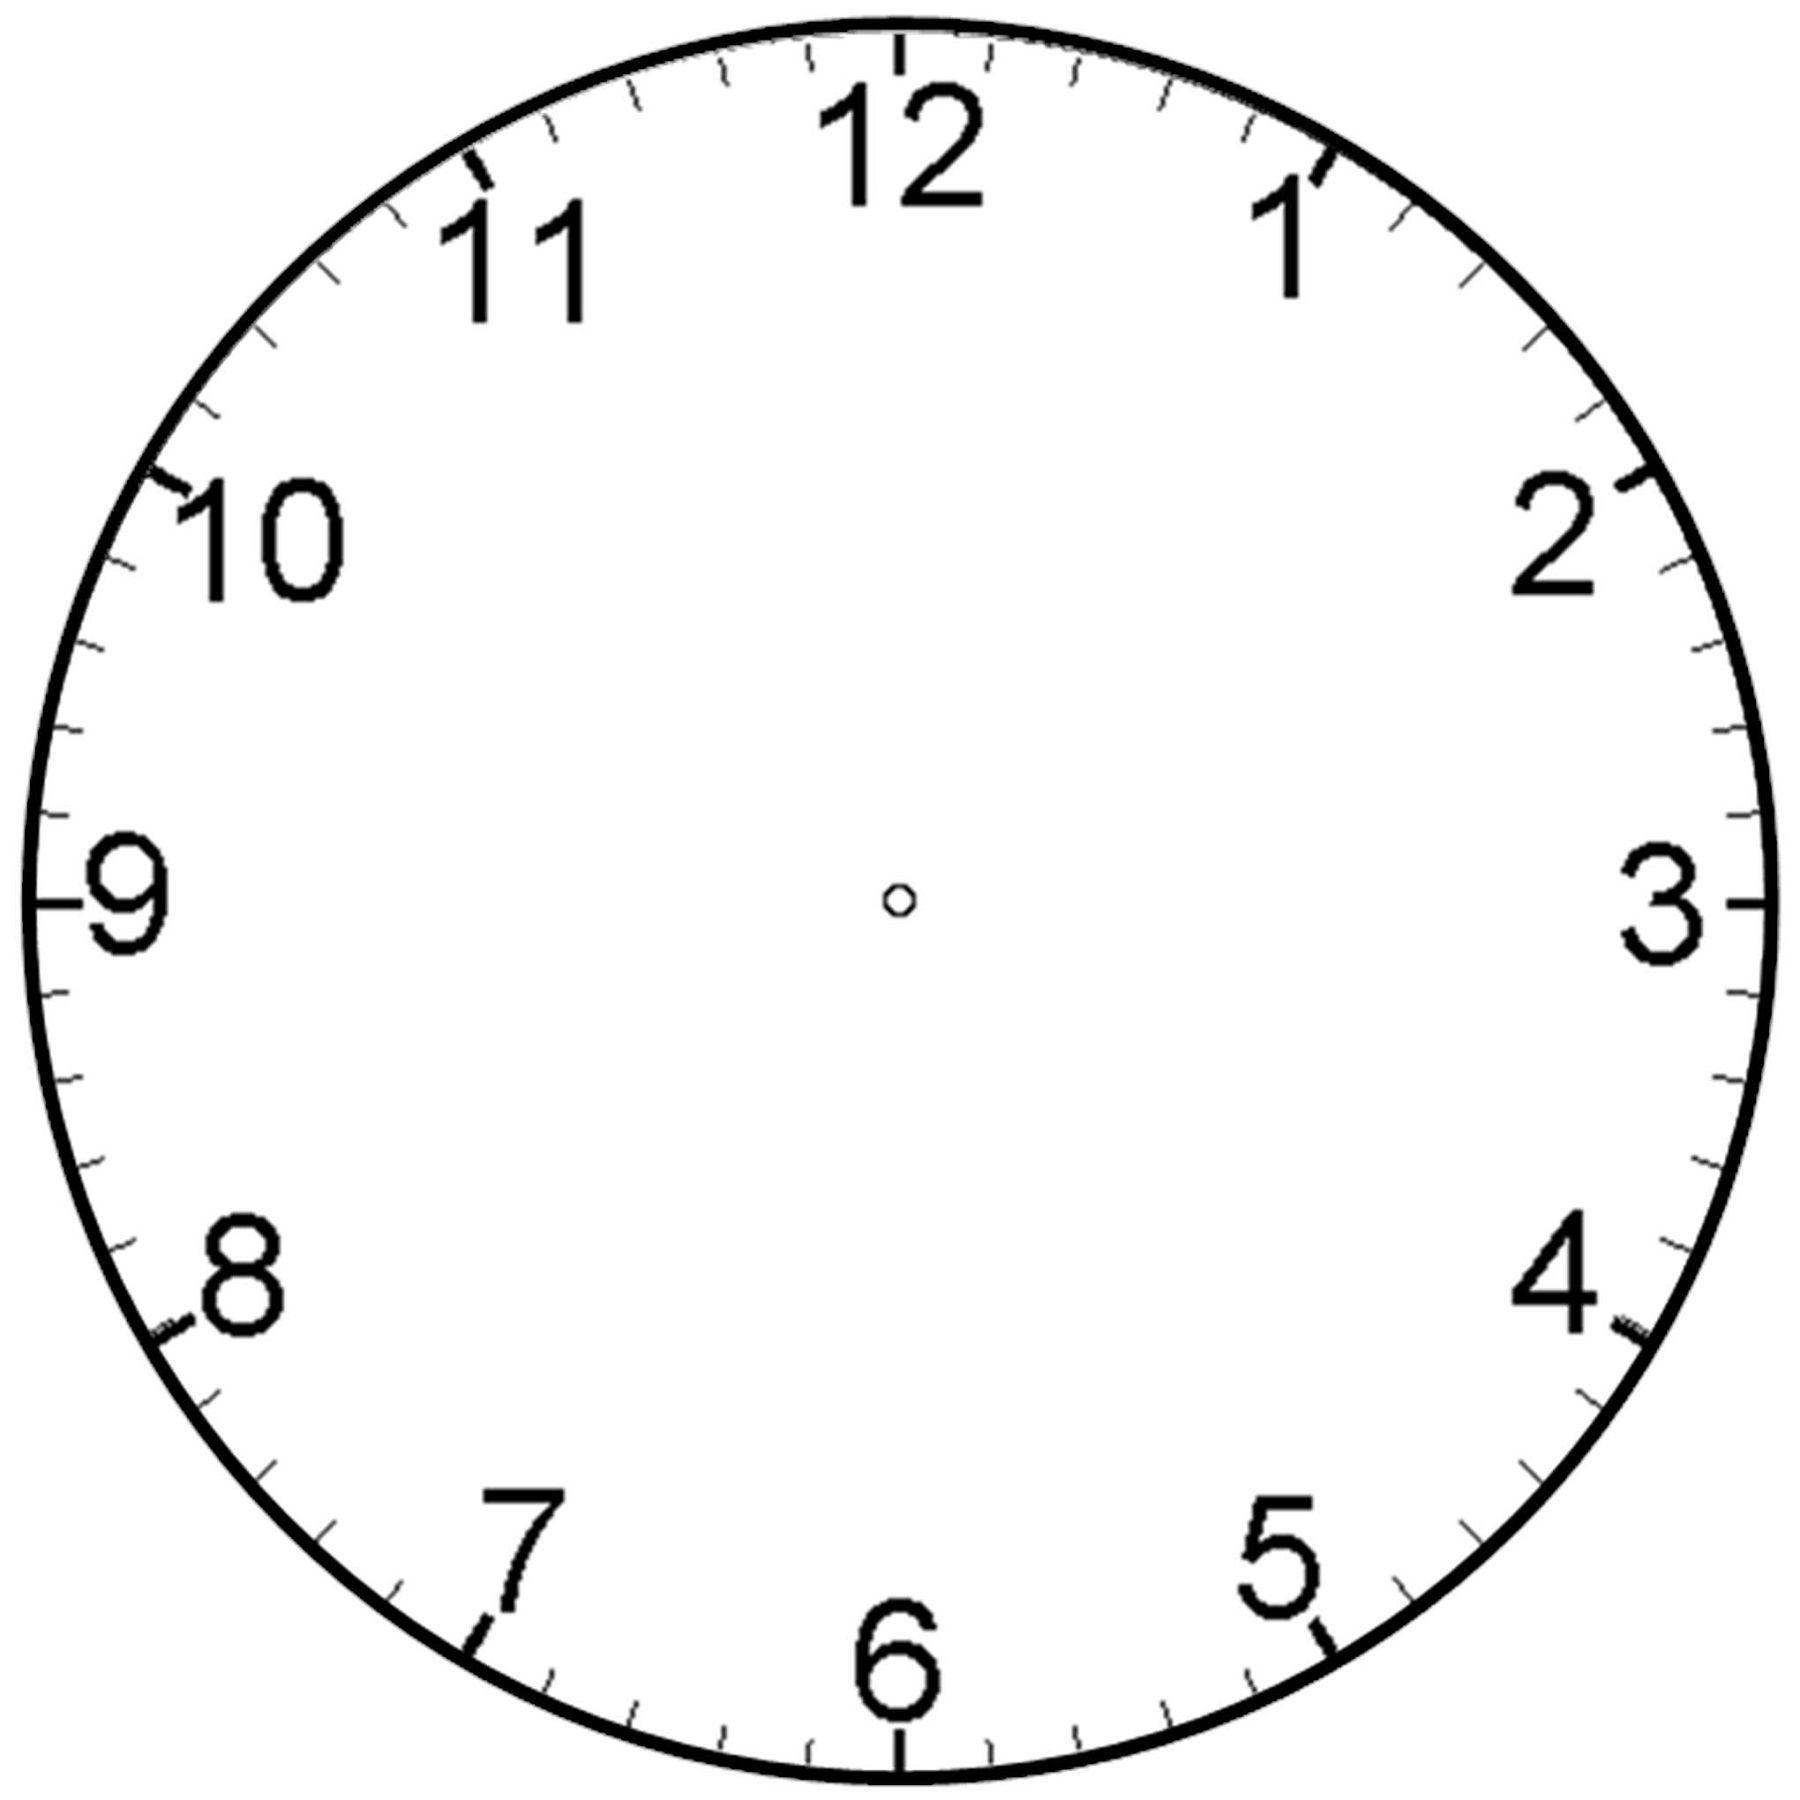 Printable Clock For Children